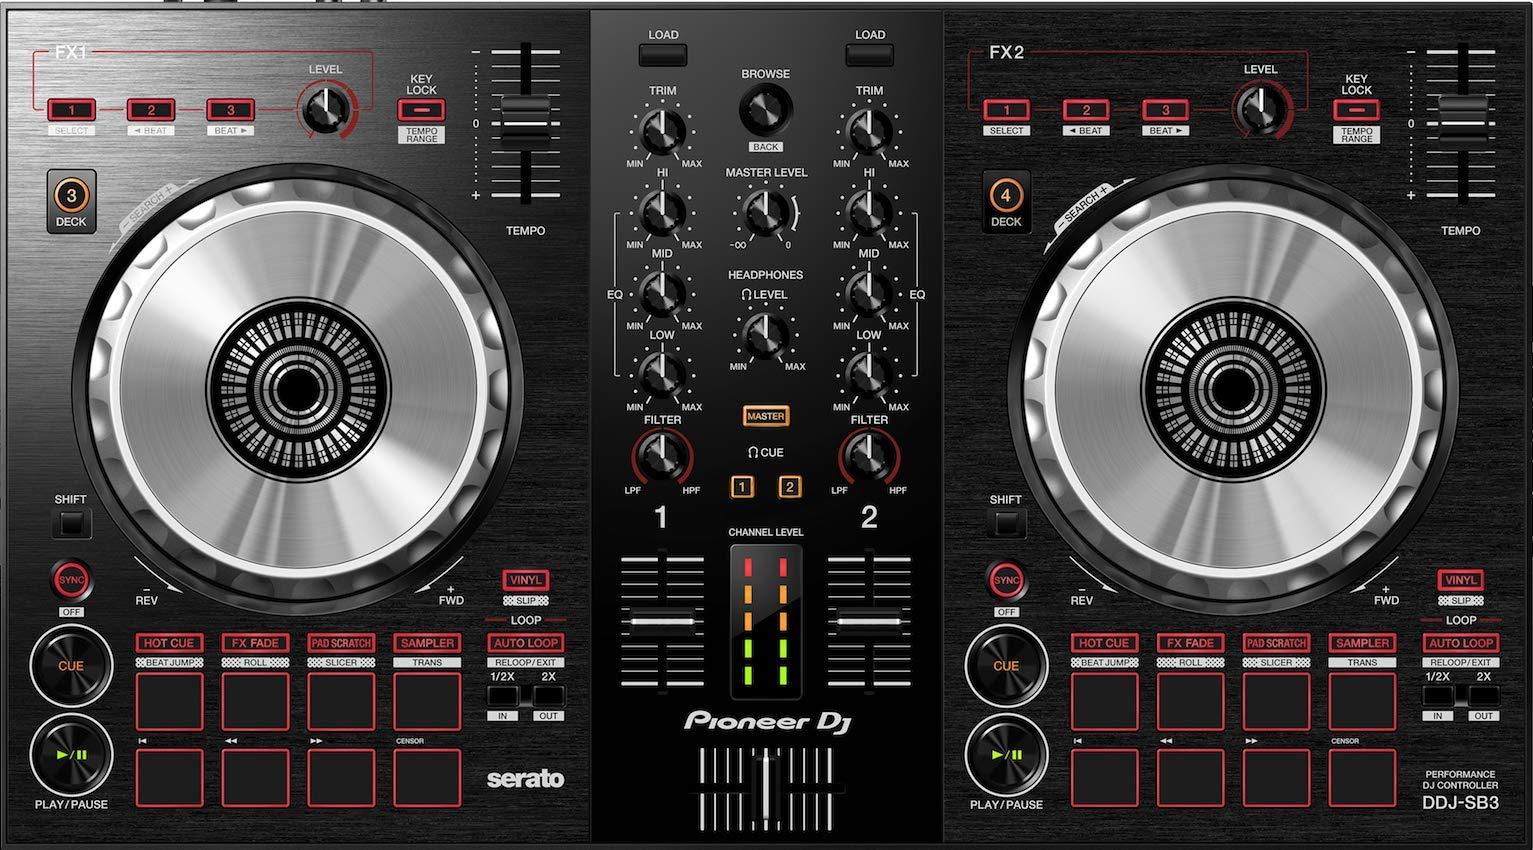 Pioneer DJ-DDJ-SB3